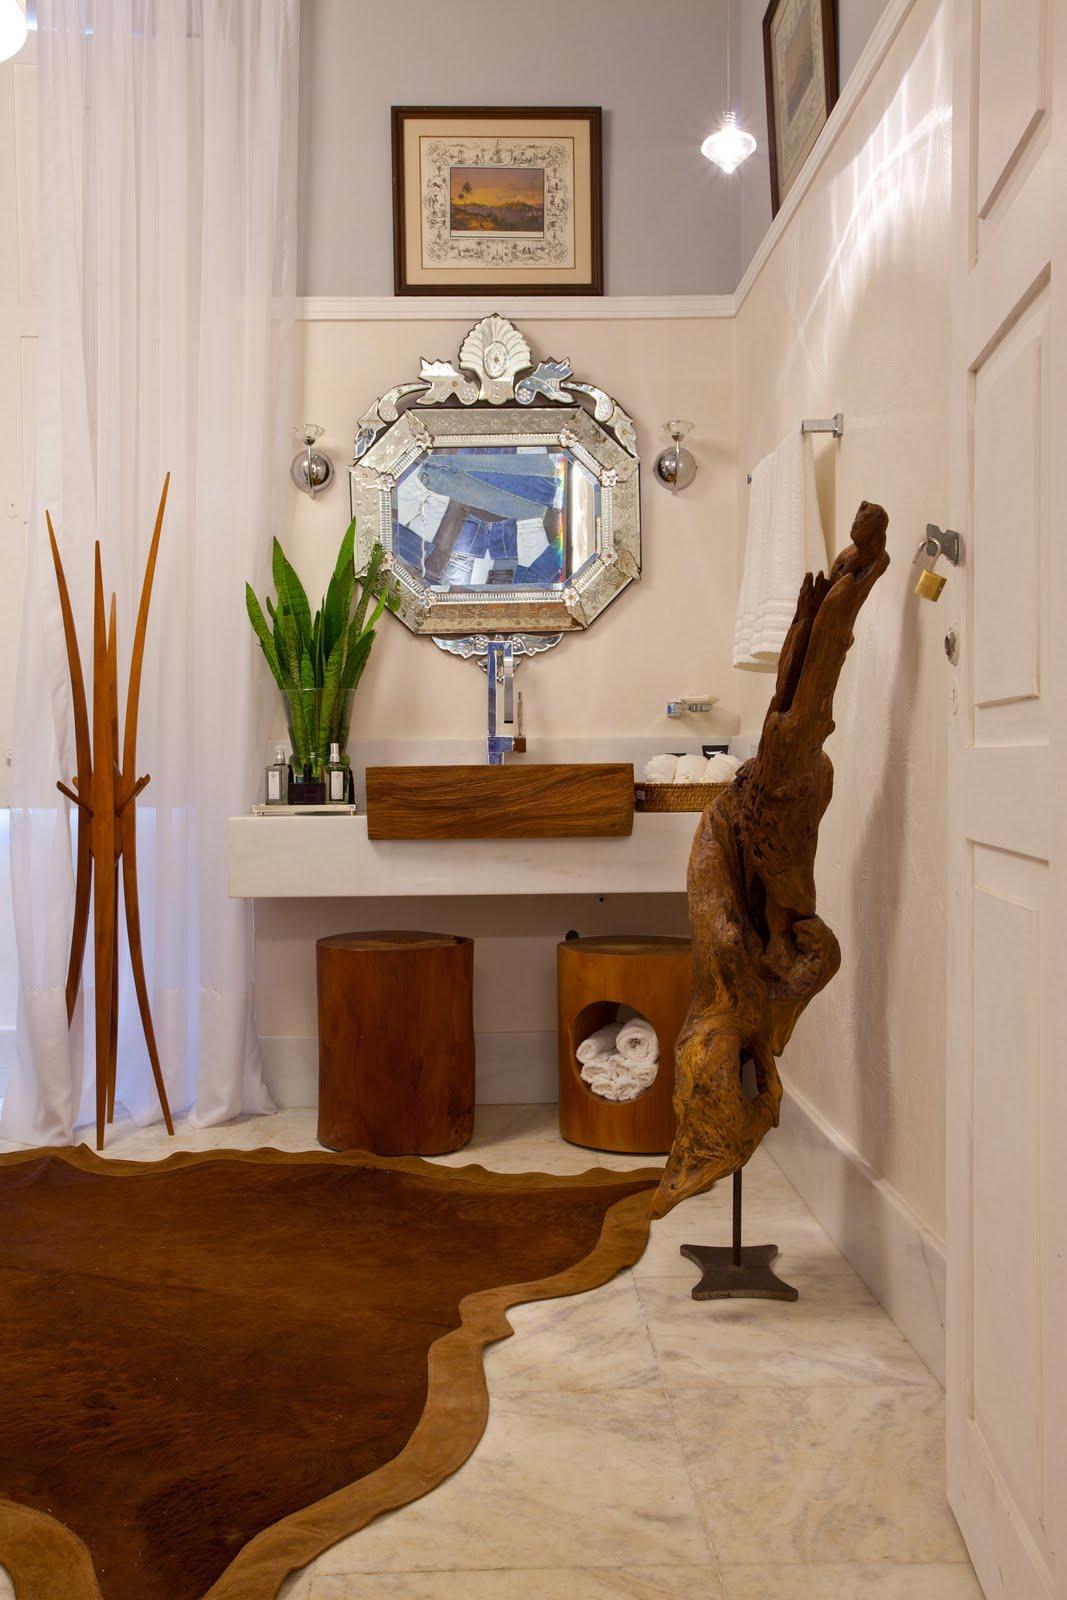 banheiro feng shui: luxo fazendo também uma harmonia no banheiro  #495F08 1067x1600 Banheiro Com Feng Shui